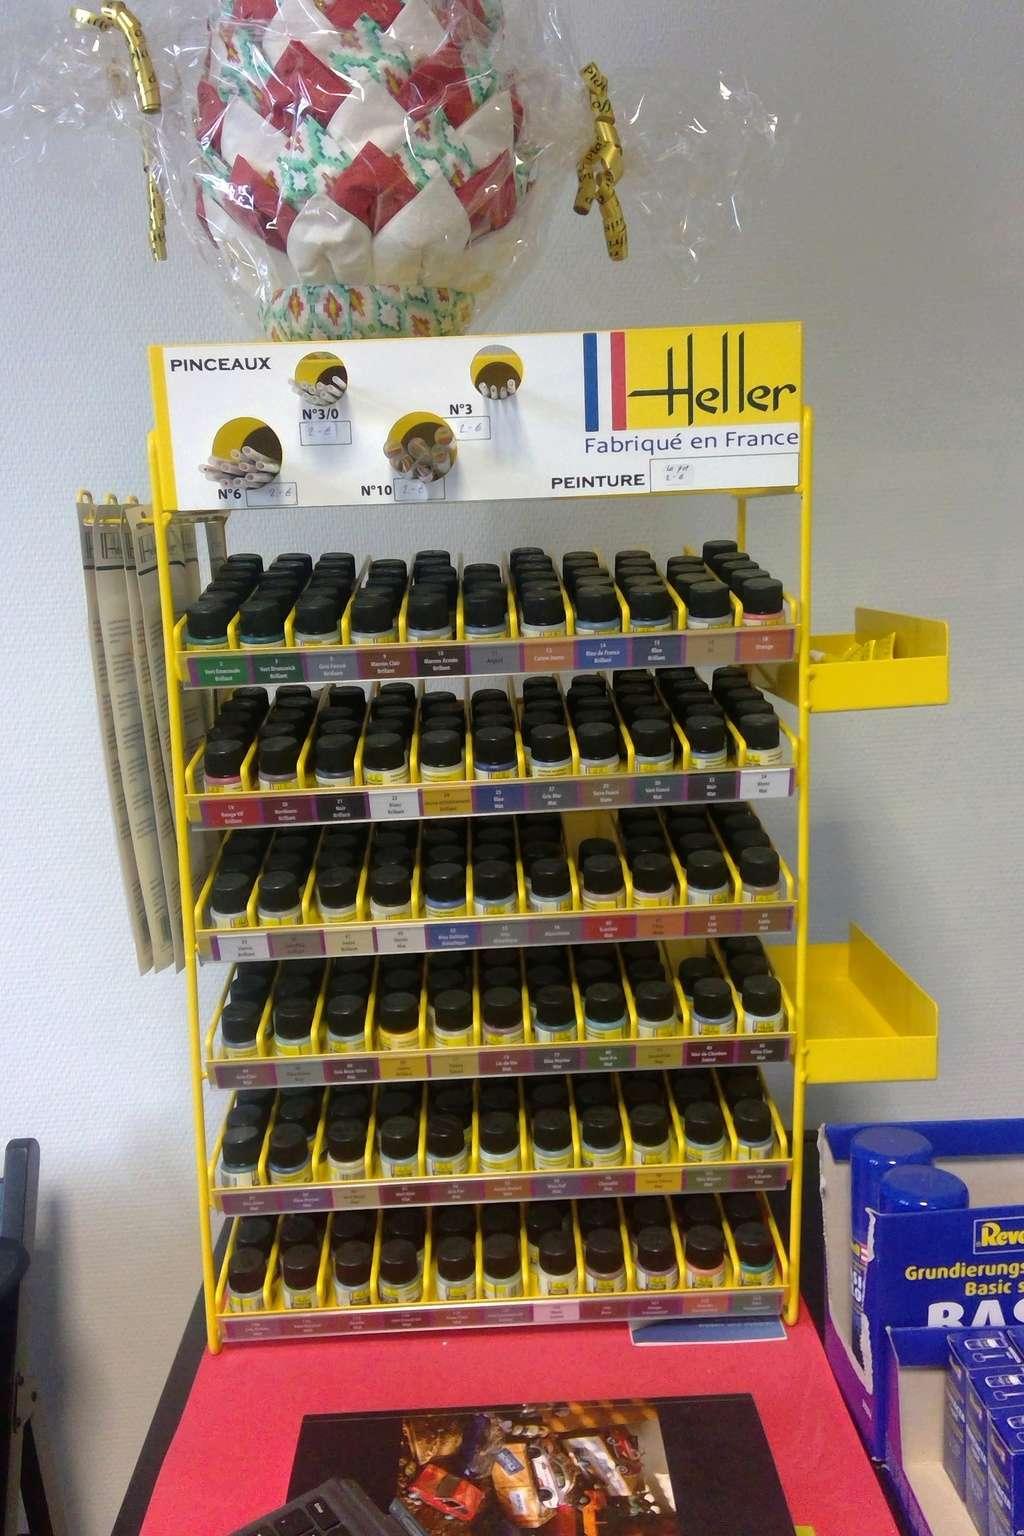 vos images des boutiques vendant du Heller  c'est ici  Win_2060